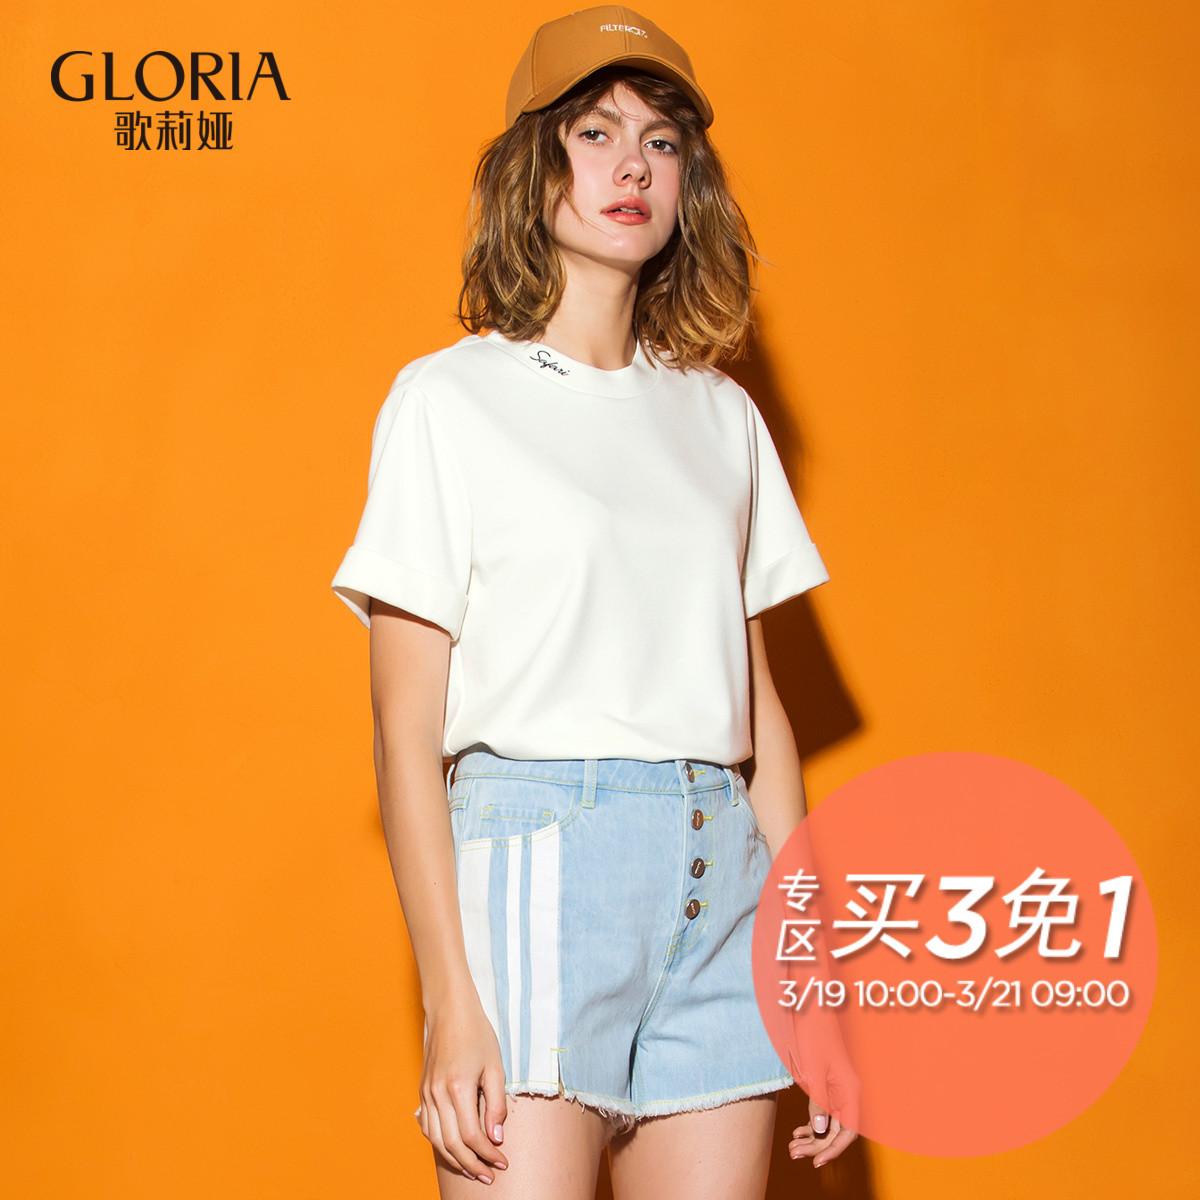 歌莉娅女装 GLORIA歌莉娅女装夏季新品小高领绣花上衣175C0B250_推荐淘宝好看的歌莉娅